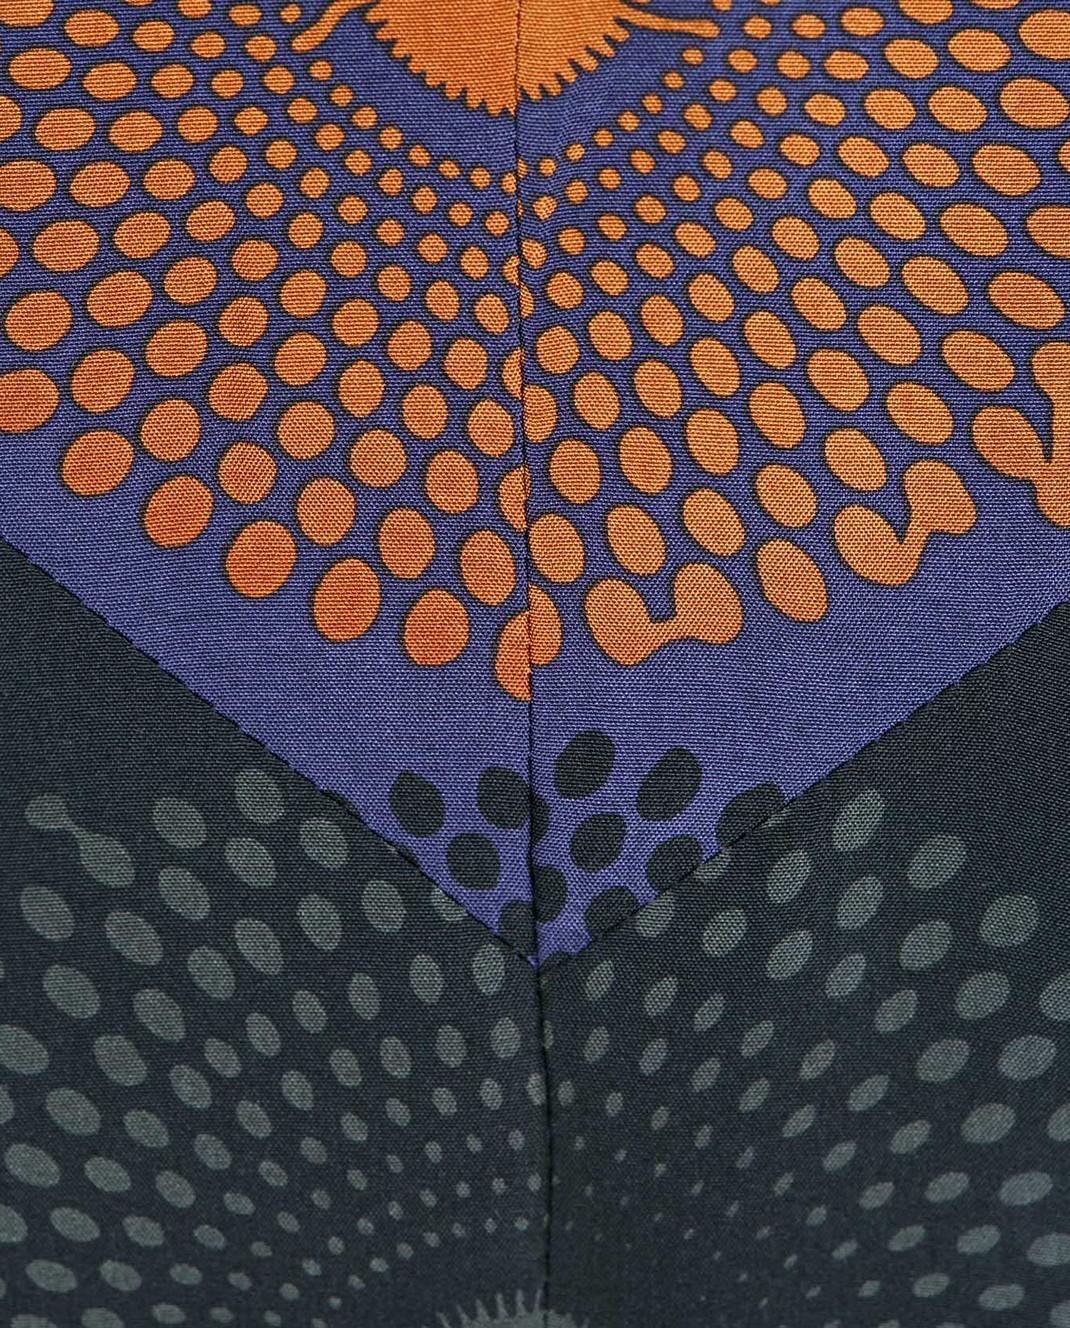 NINA RICCI Синяя юбка из шелка 17PCJU008SE1249 изображение 5